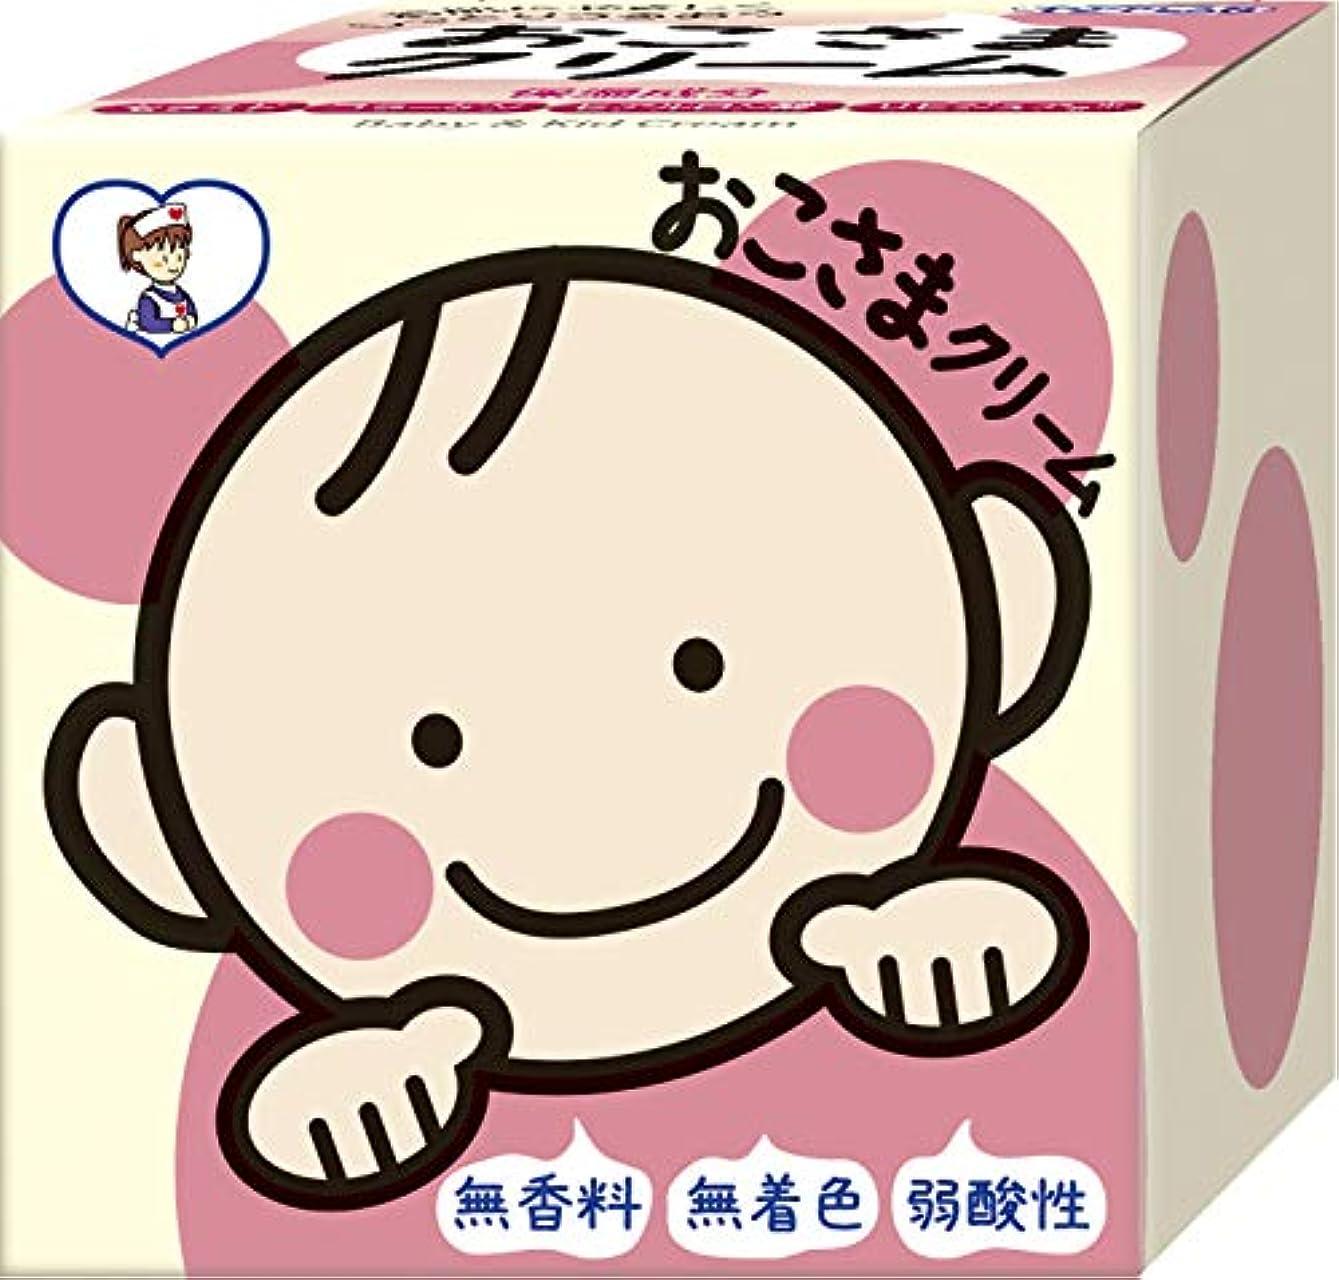 誕生日確執文化TO-PLAN(トプラン) おこさまクリーム110g 無着色 無香料 低刺激クリーム